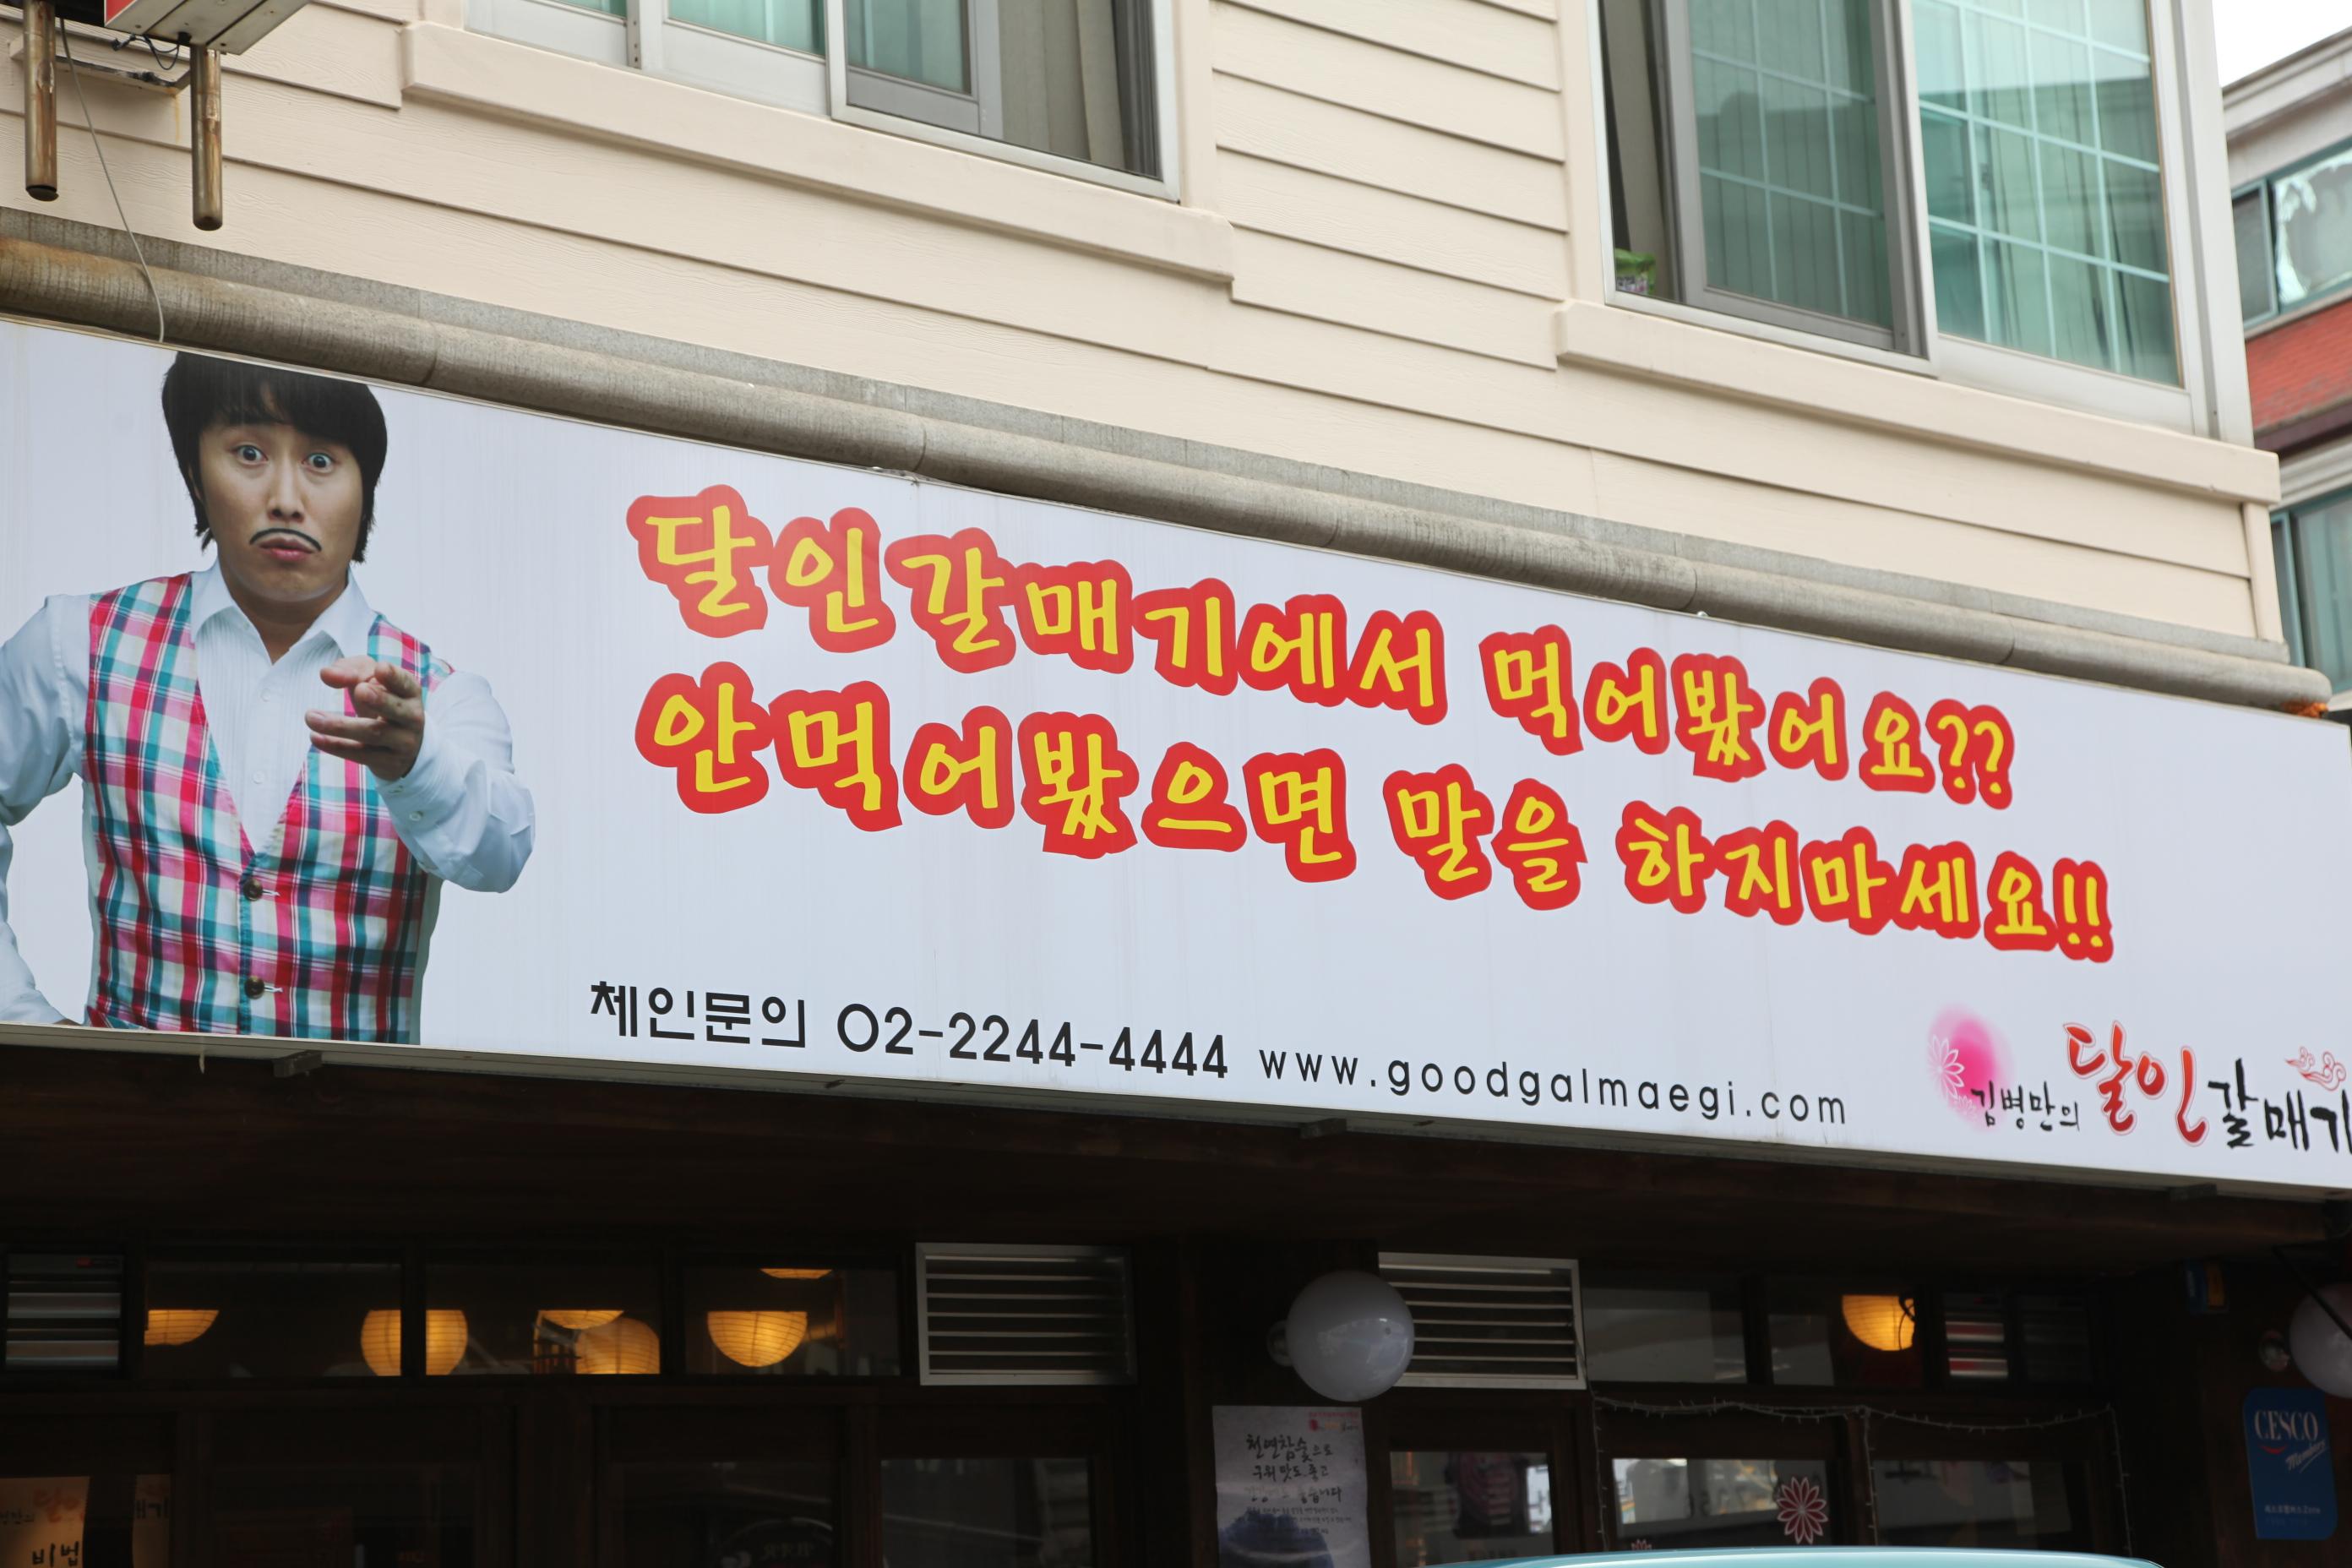 [대전맛집/송촌동맛집] 대전갔다가 발견한 김병..